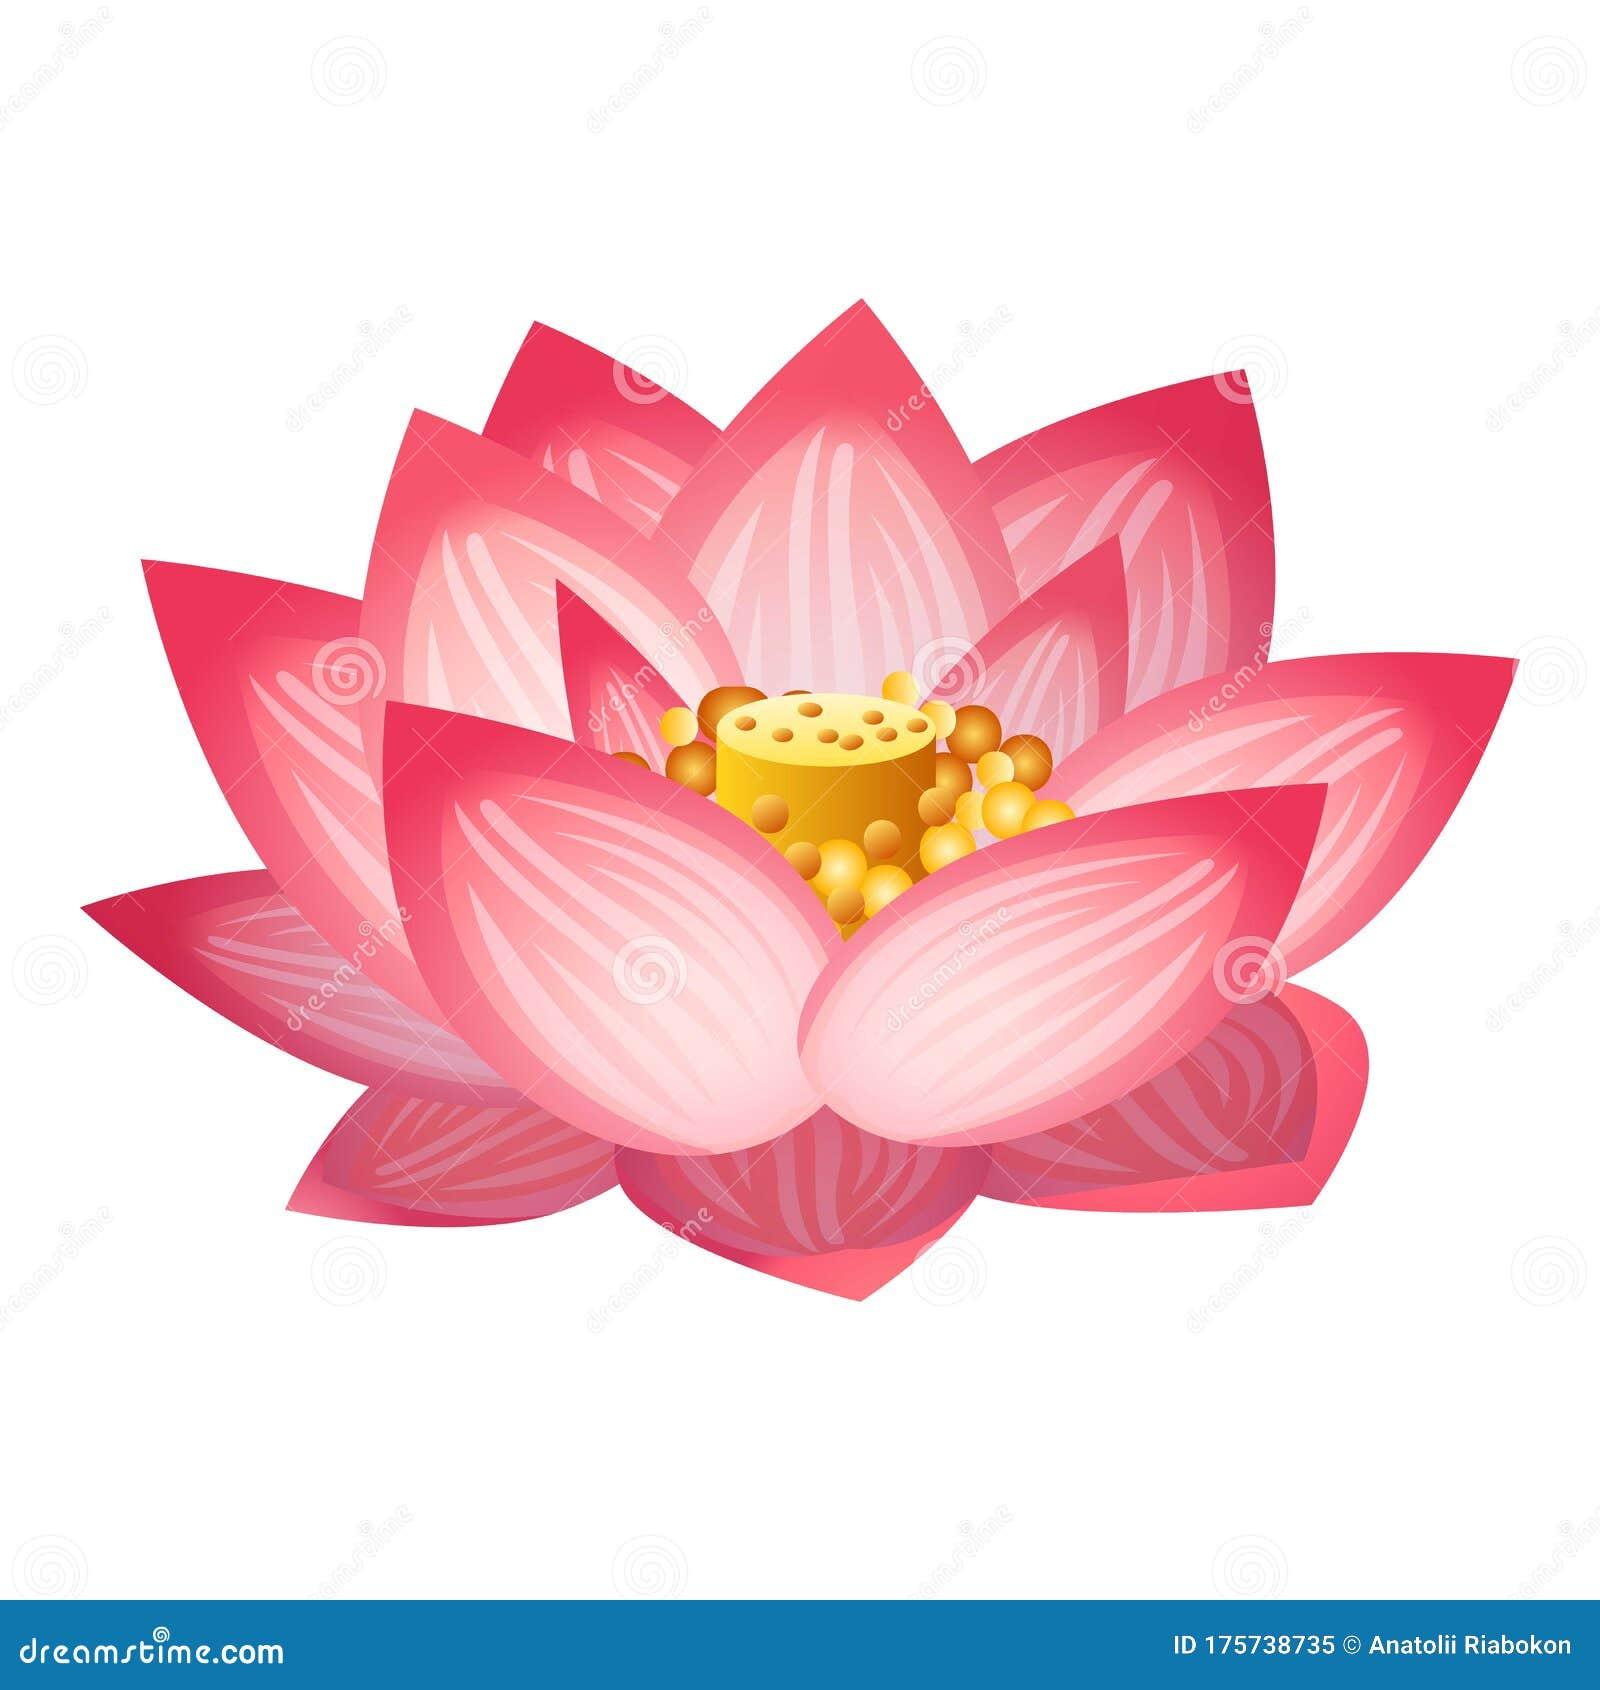 Cartoon Lotus Flower Stock Illustrations 3 879 Cartoon Lotus Flower Stock Illustrations Vectors Clipart Dreamstime